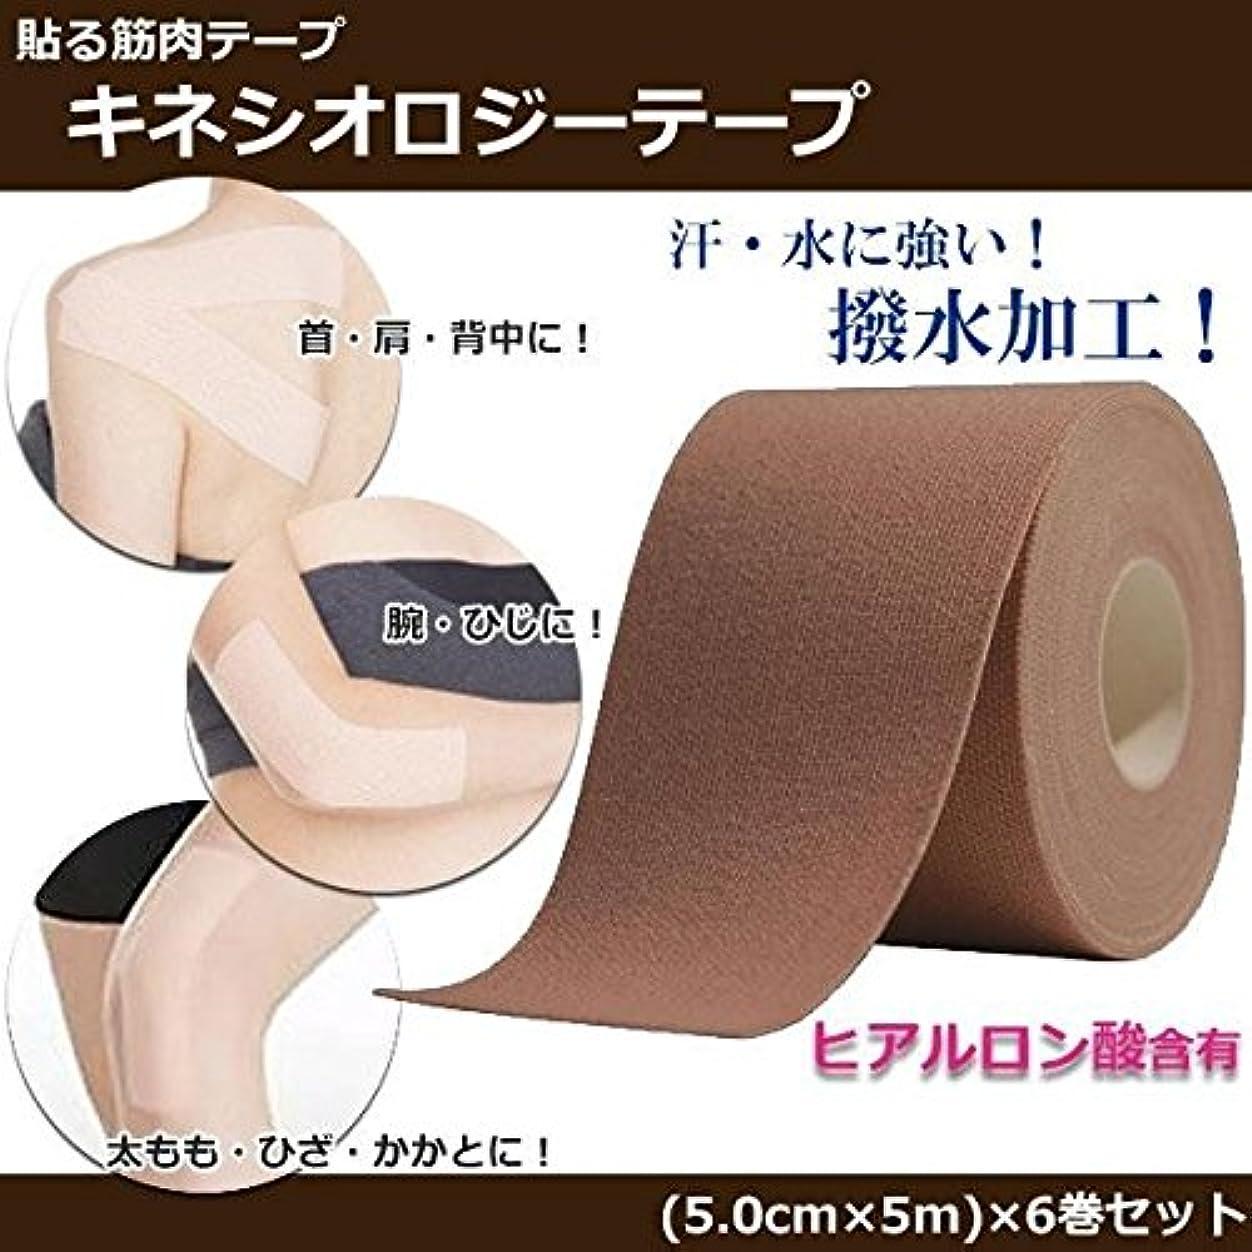 狐切り離す家事貼る筋肉テープ キネシオロジーテープ ヒアルロン酸含有 日本製 6巻セット